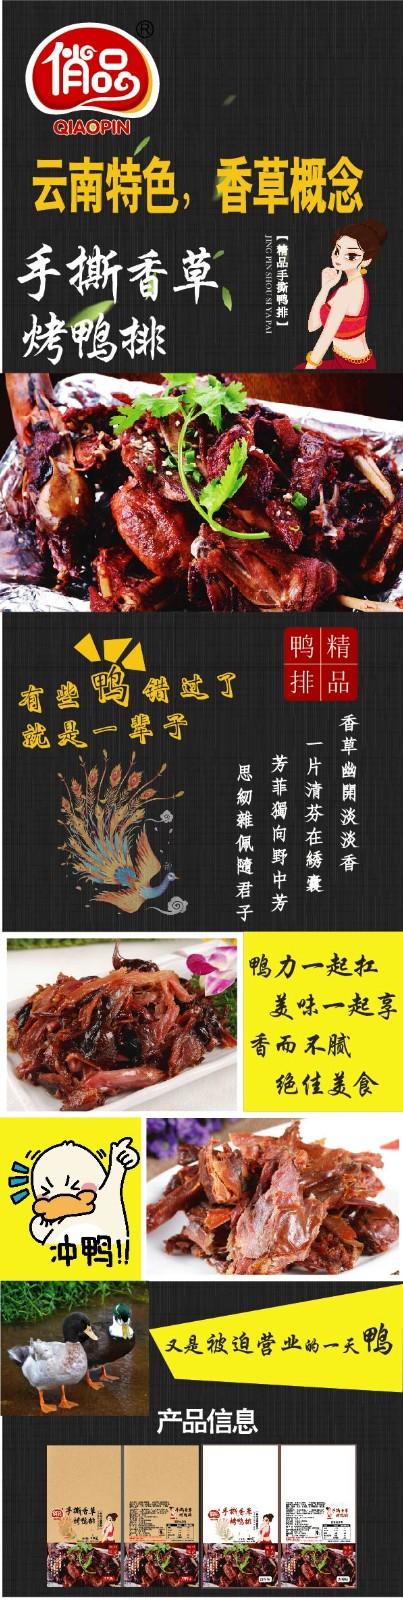 香草烤鸭宣传-01.jpg